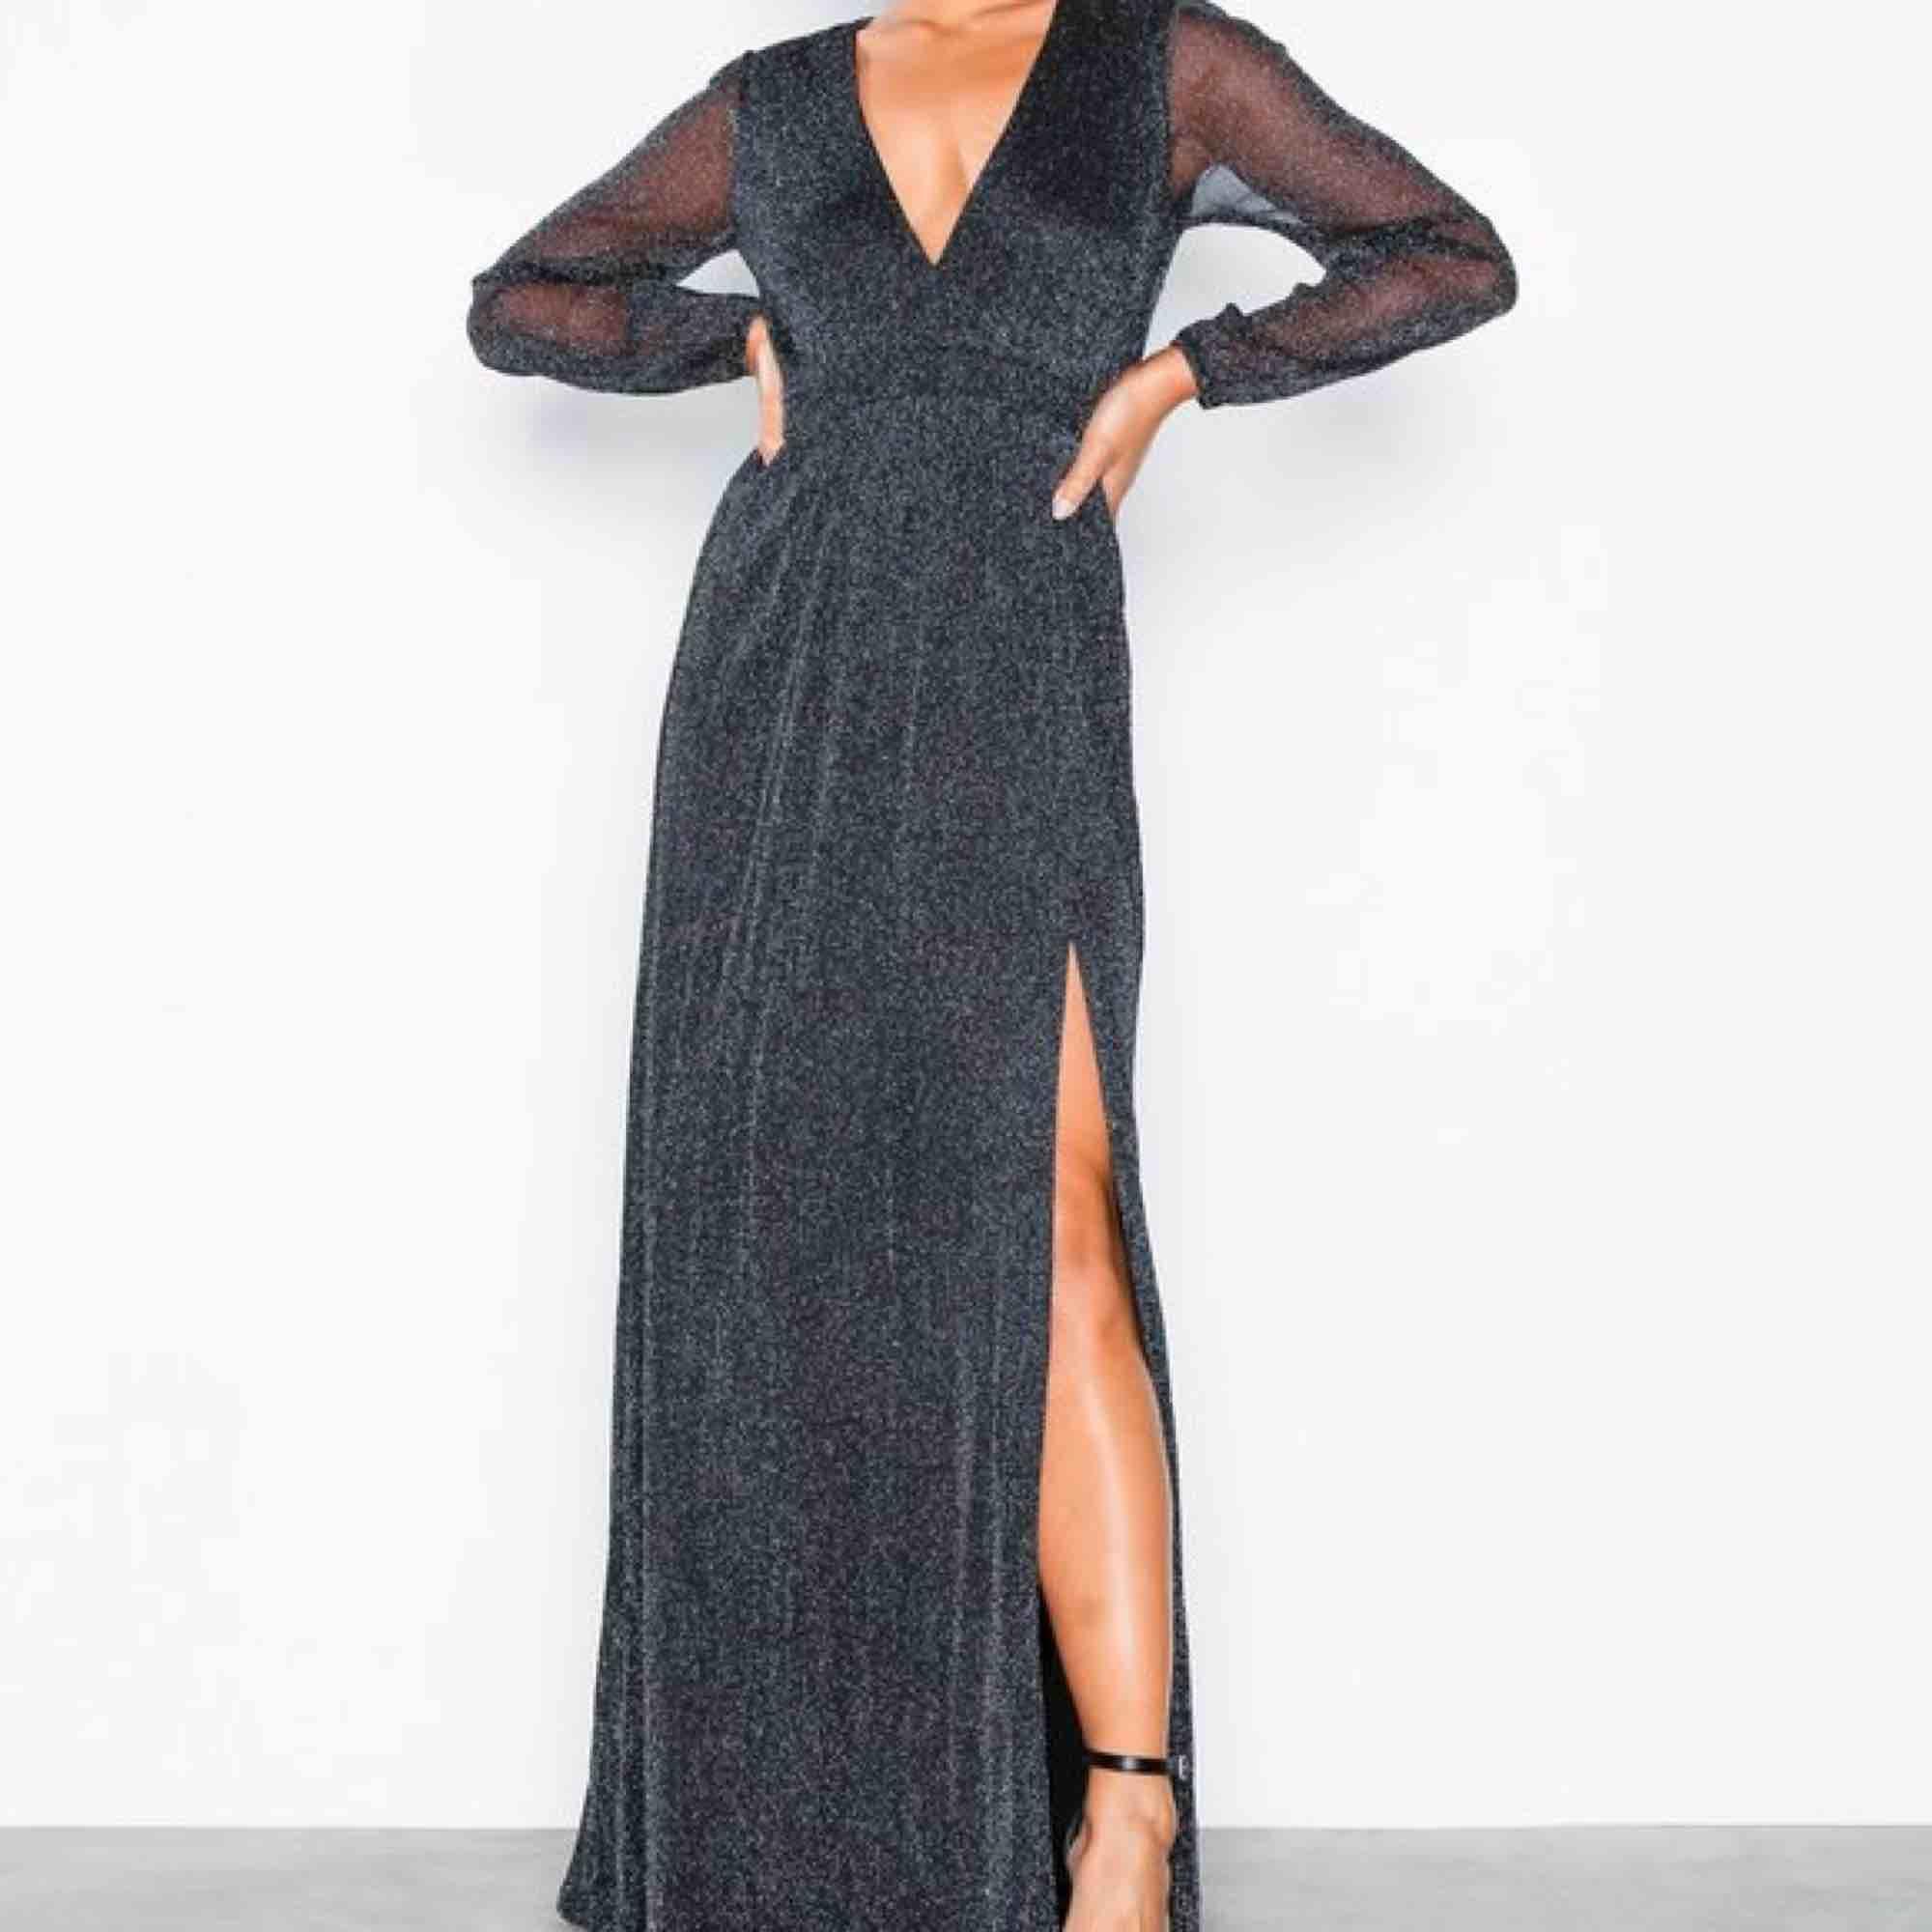 Supersnygg klänning ifrån Nelly! Köptes till bal men ändrade mig i sista sekund så den är alltså oanvänd! Köparen står för frakt!🥰. Klänningar.